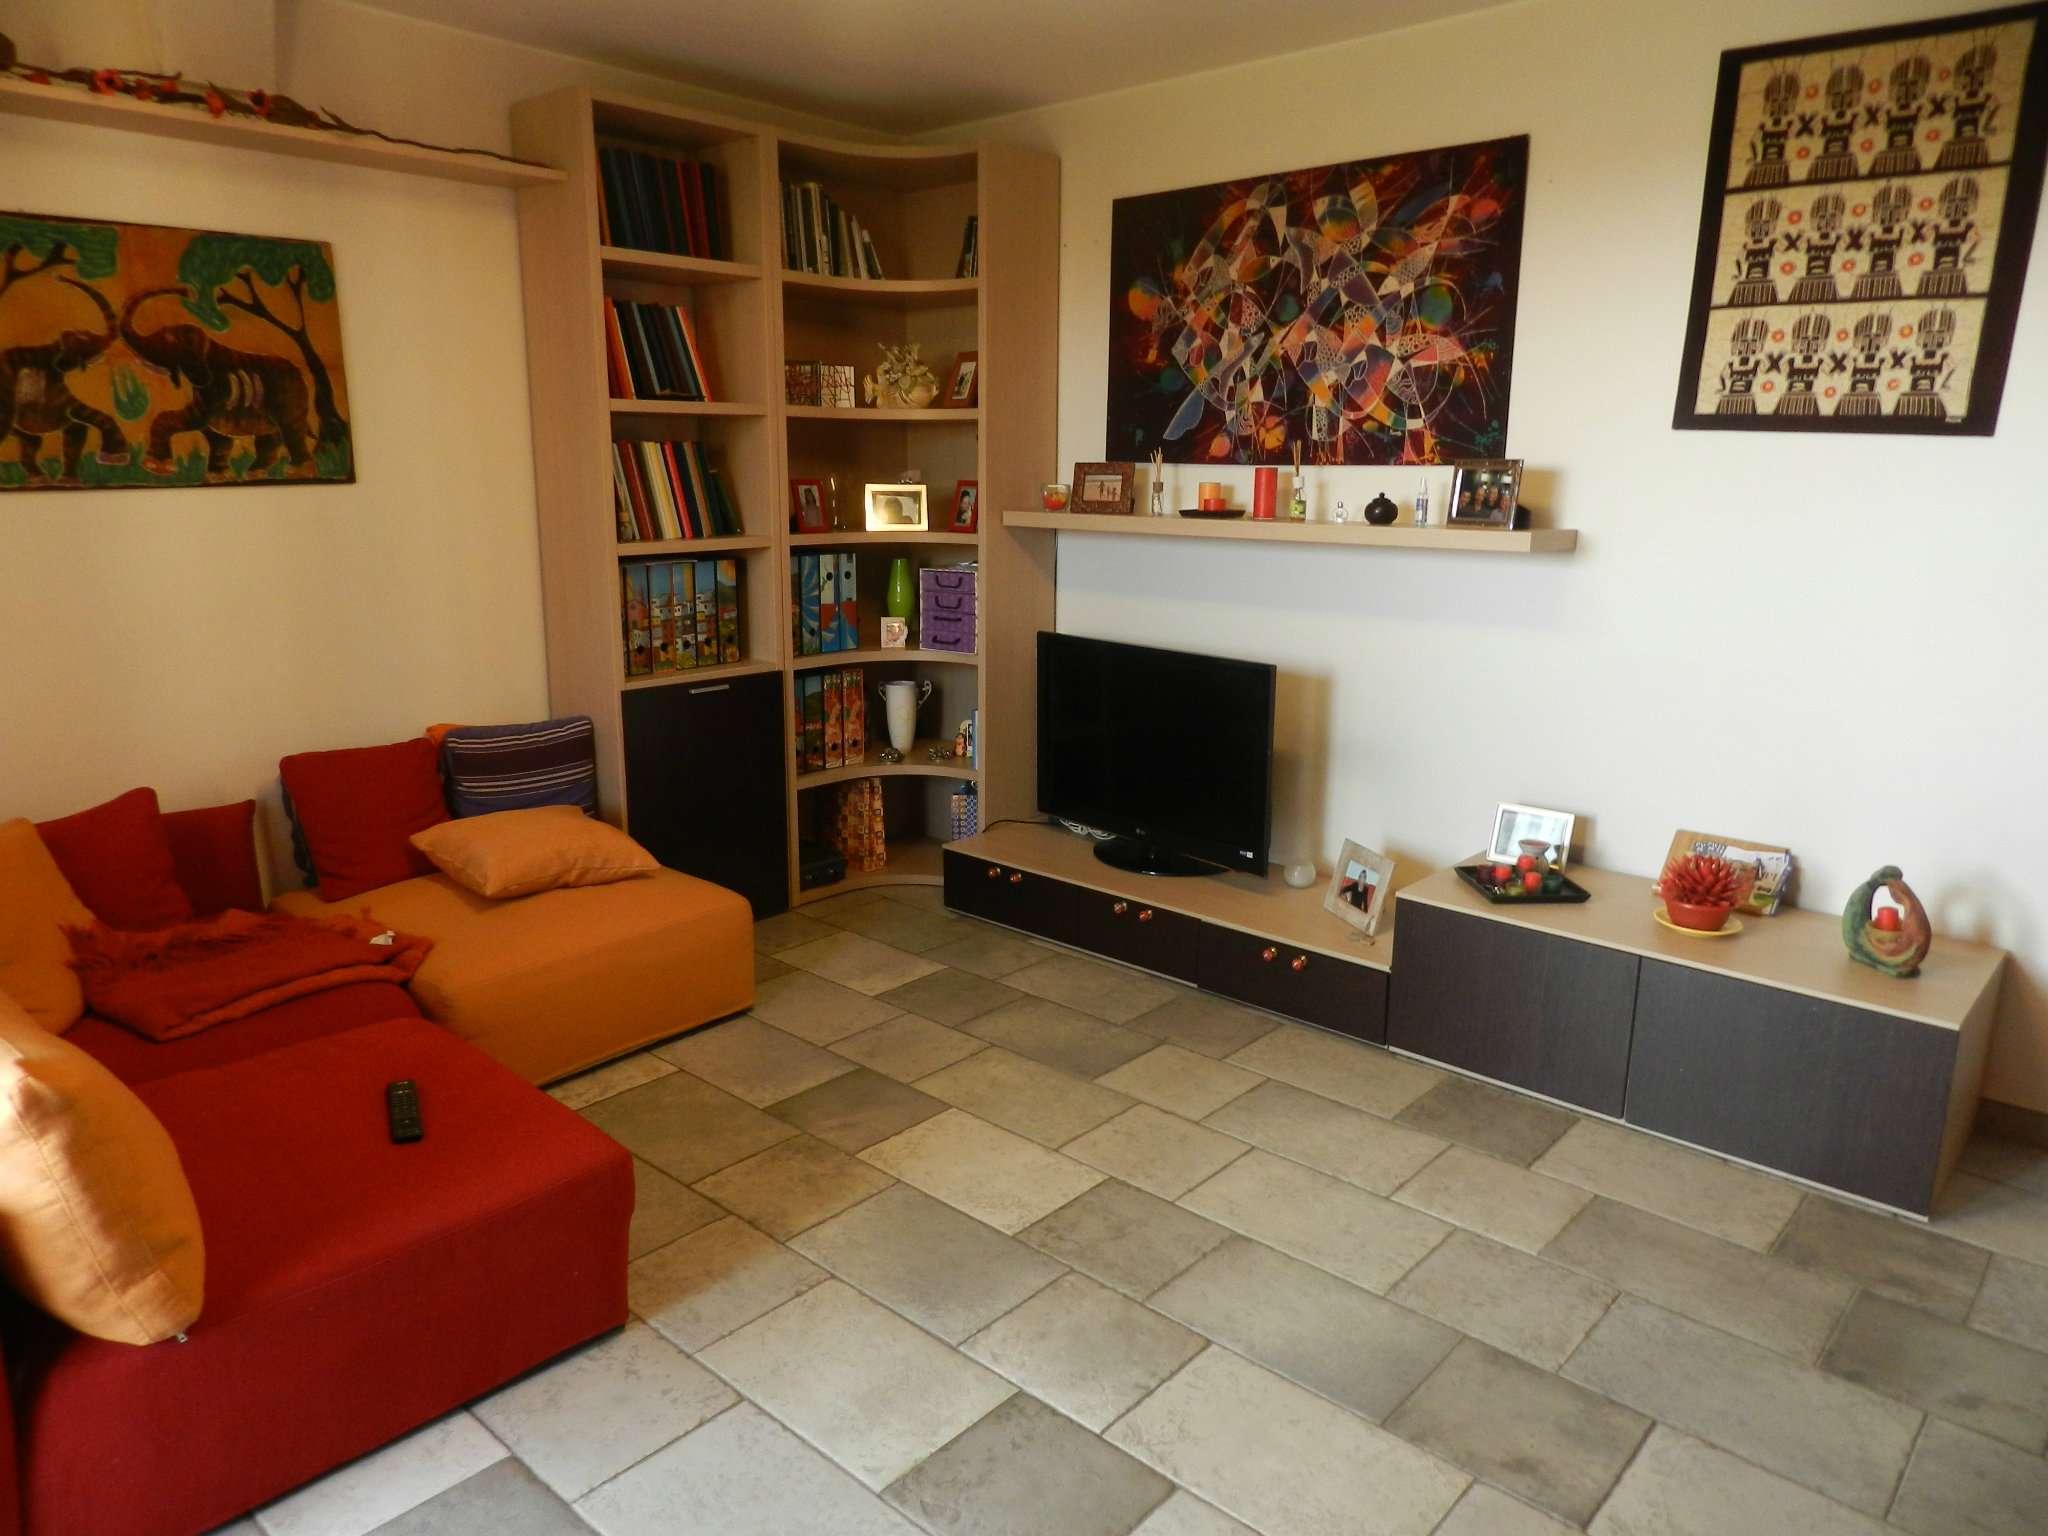 Appartamento in vendita a Cava Manara, 3 locali, prezzo € 198.000 | CambioCasa.it